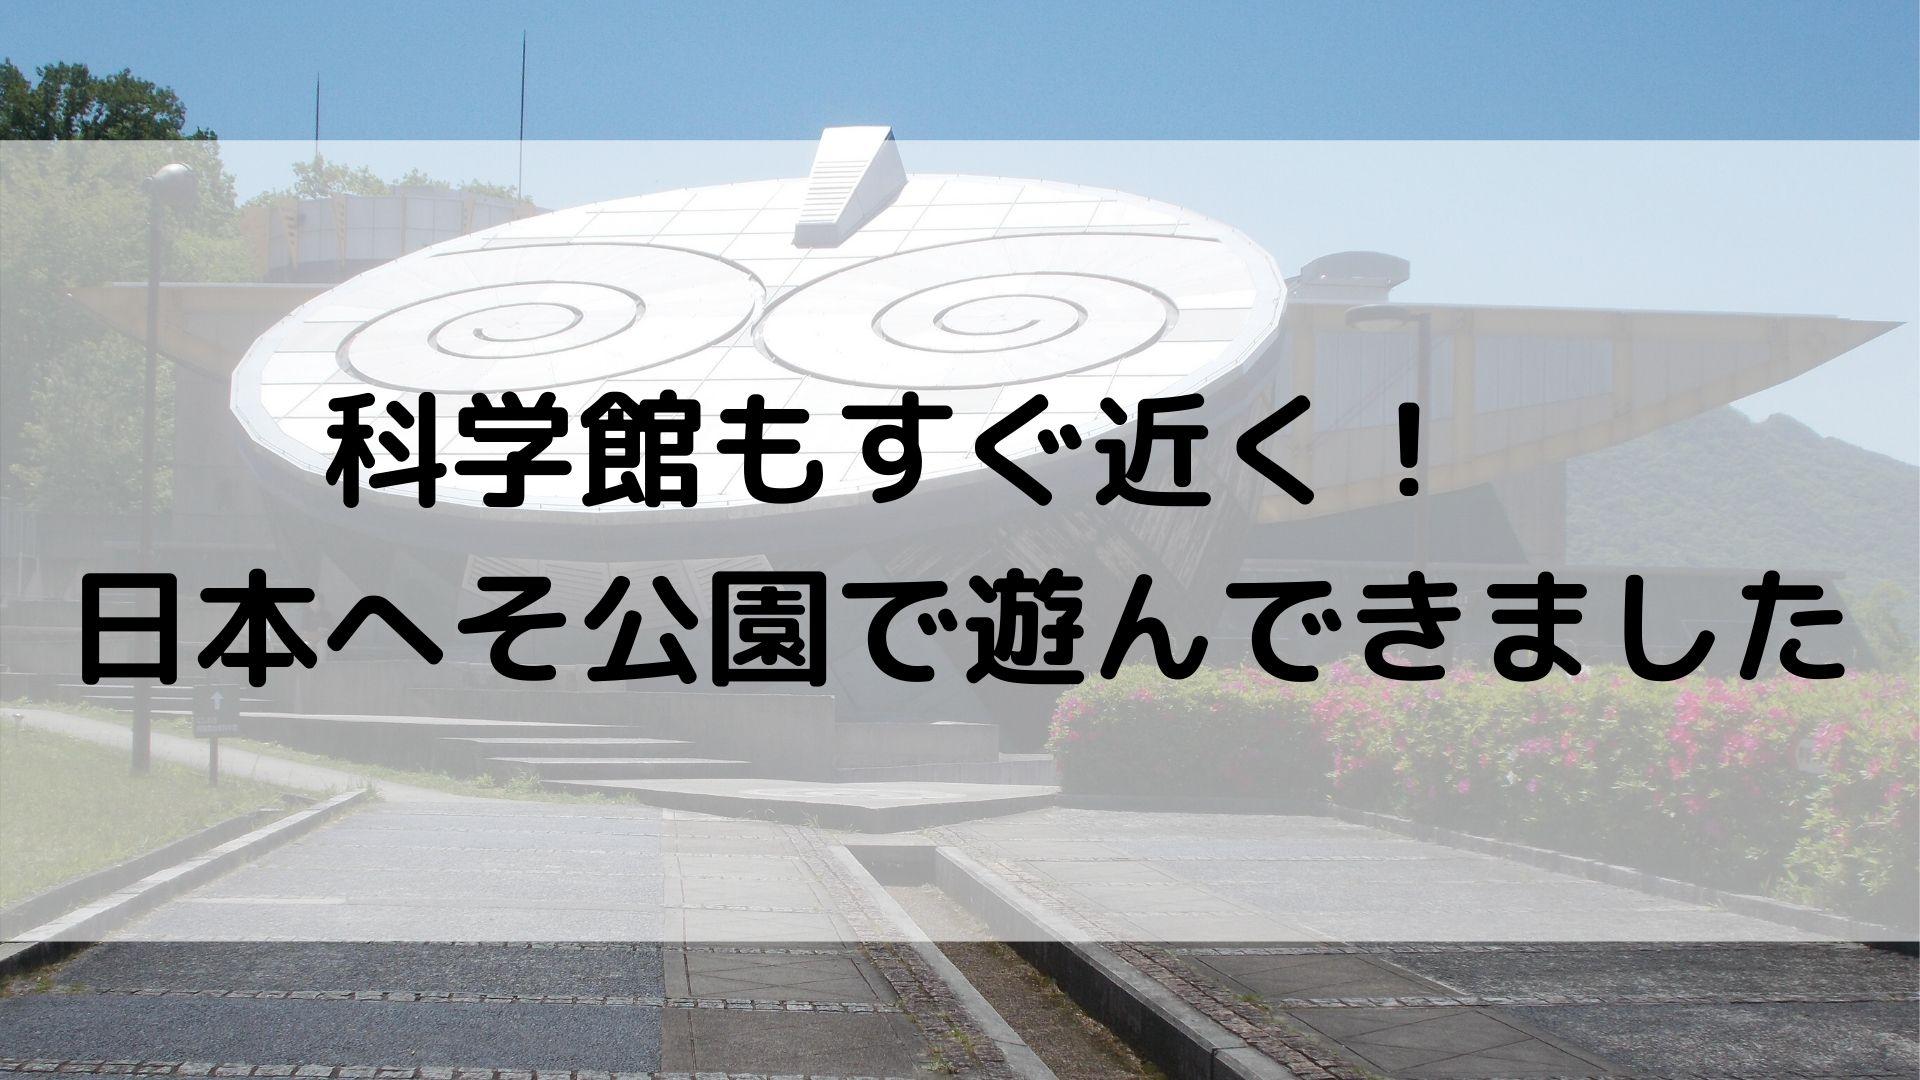 科学館もすぐ近く! 日本へそ公園で遊んできました